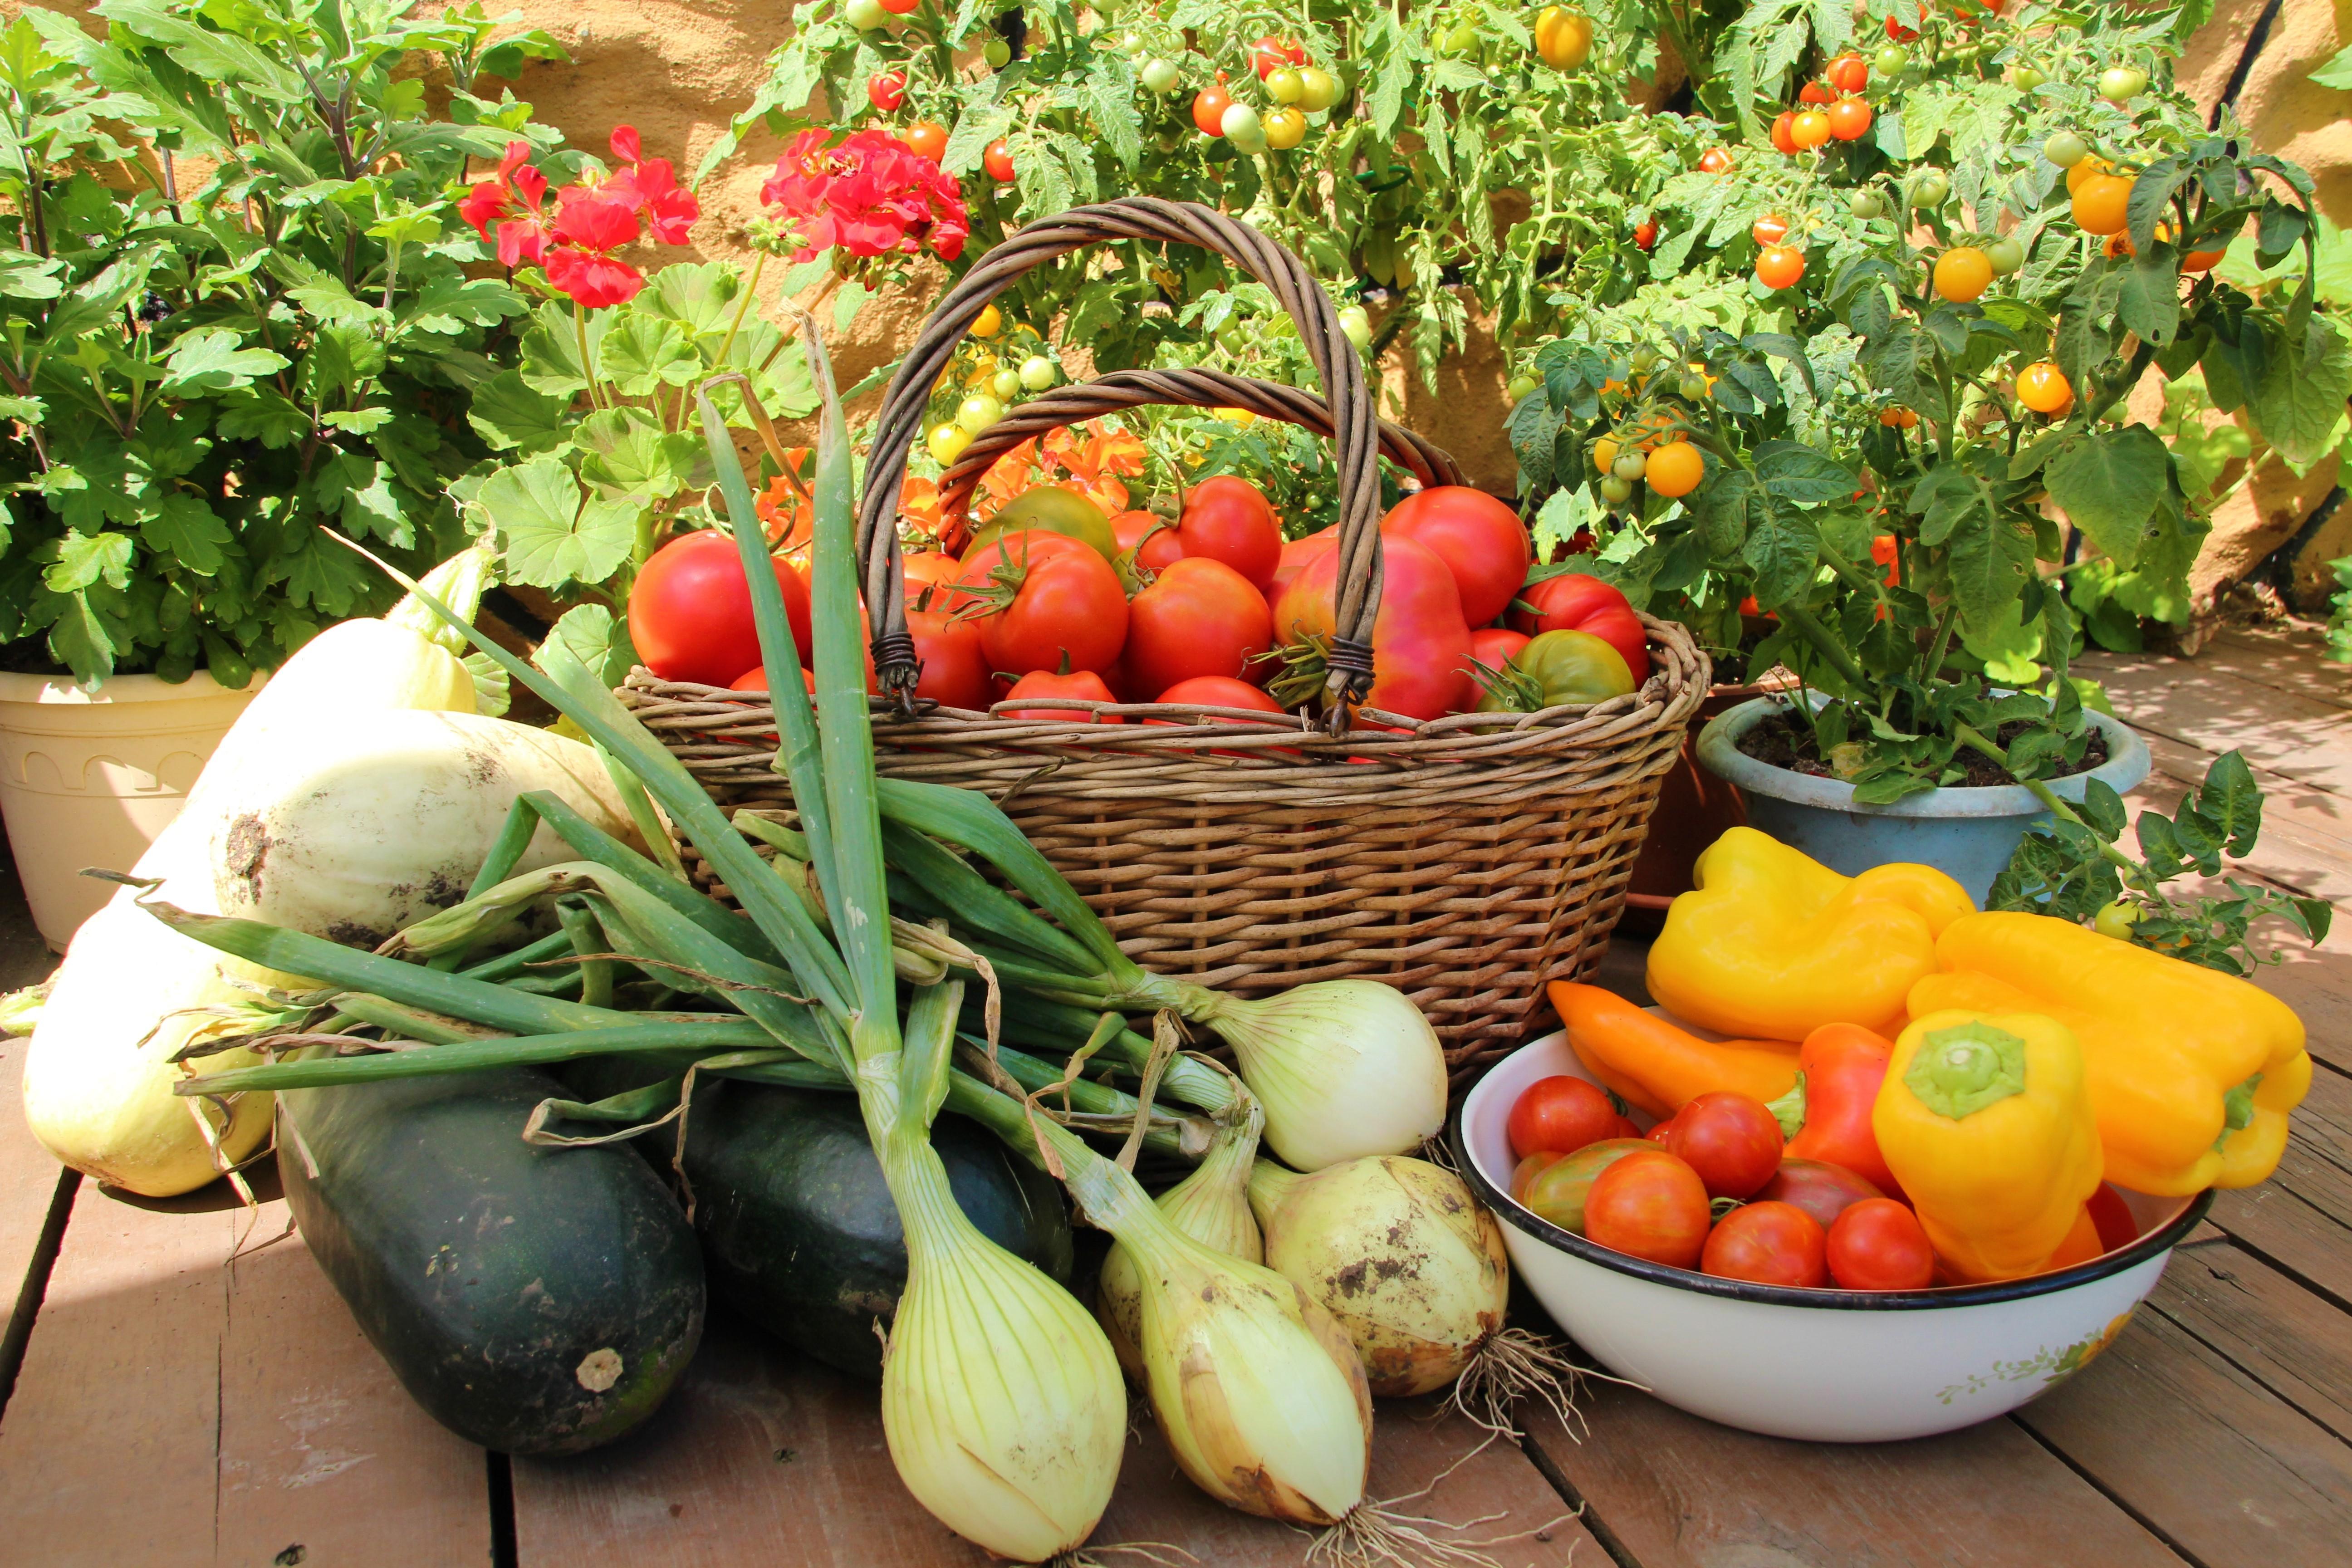 телят картинки богатый урожай овощей можно выполнить любом